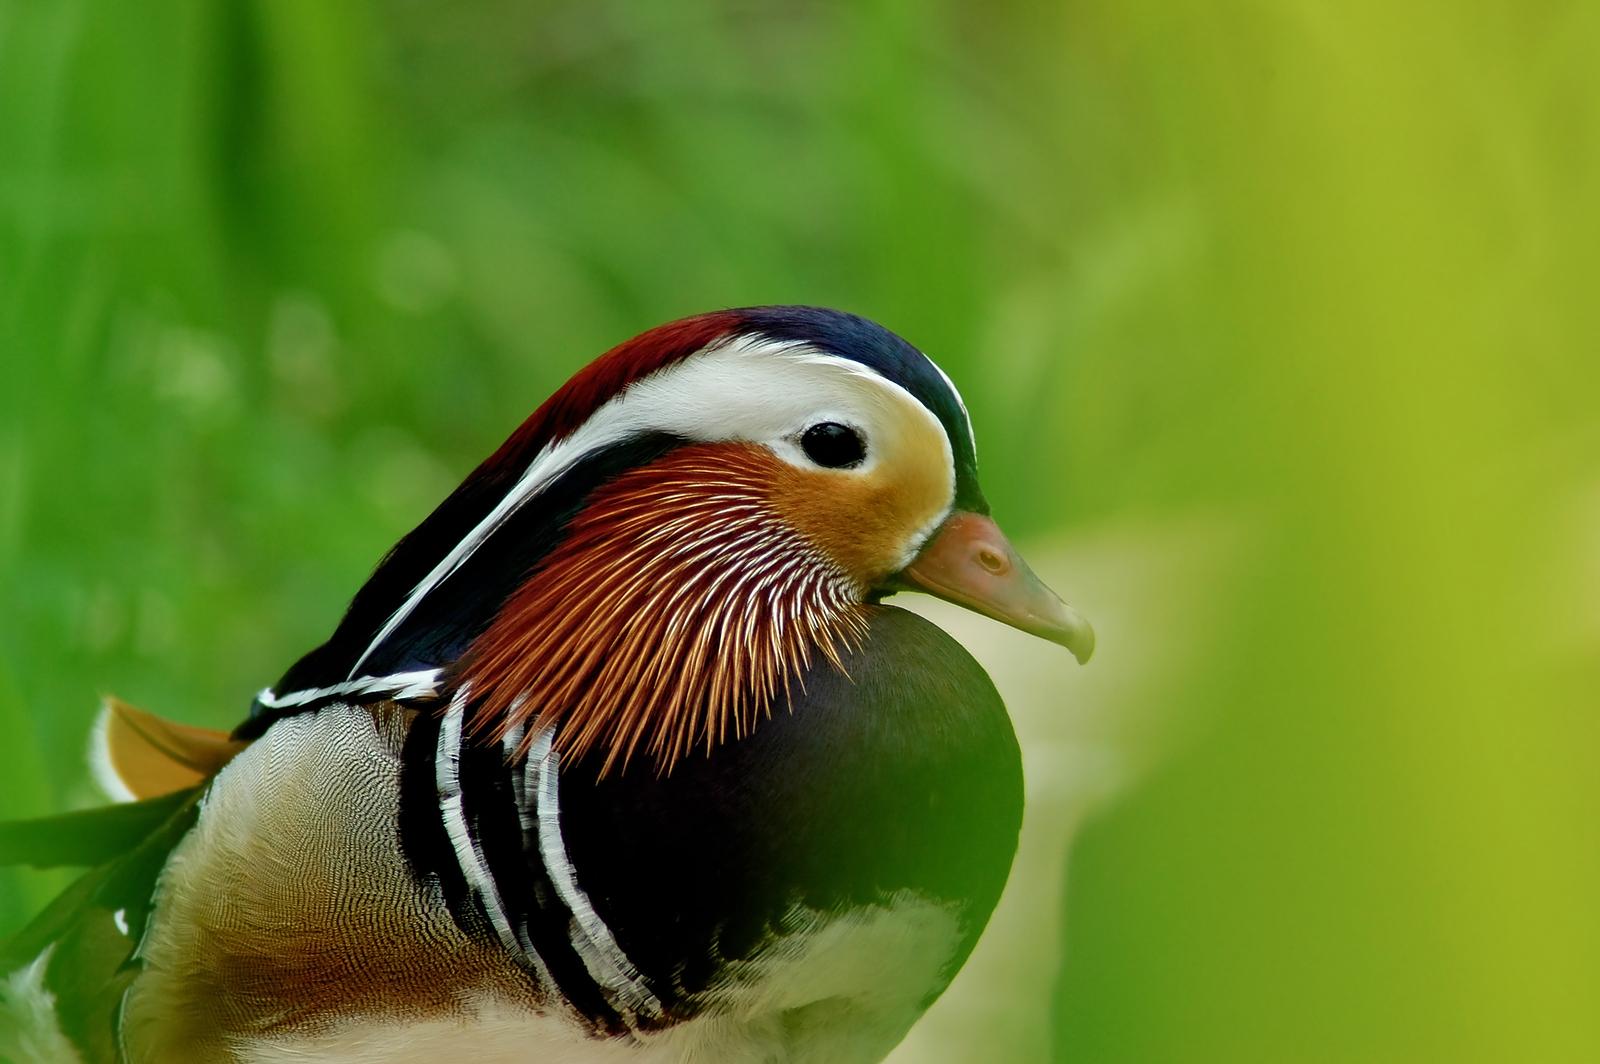 A bird's silent song